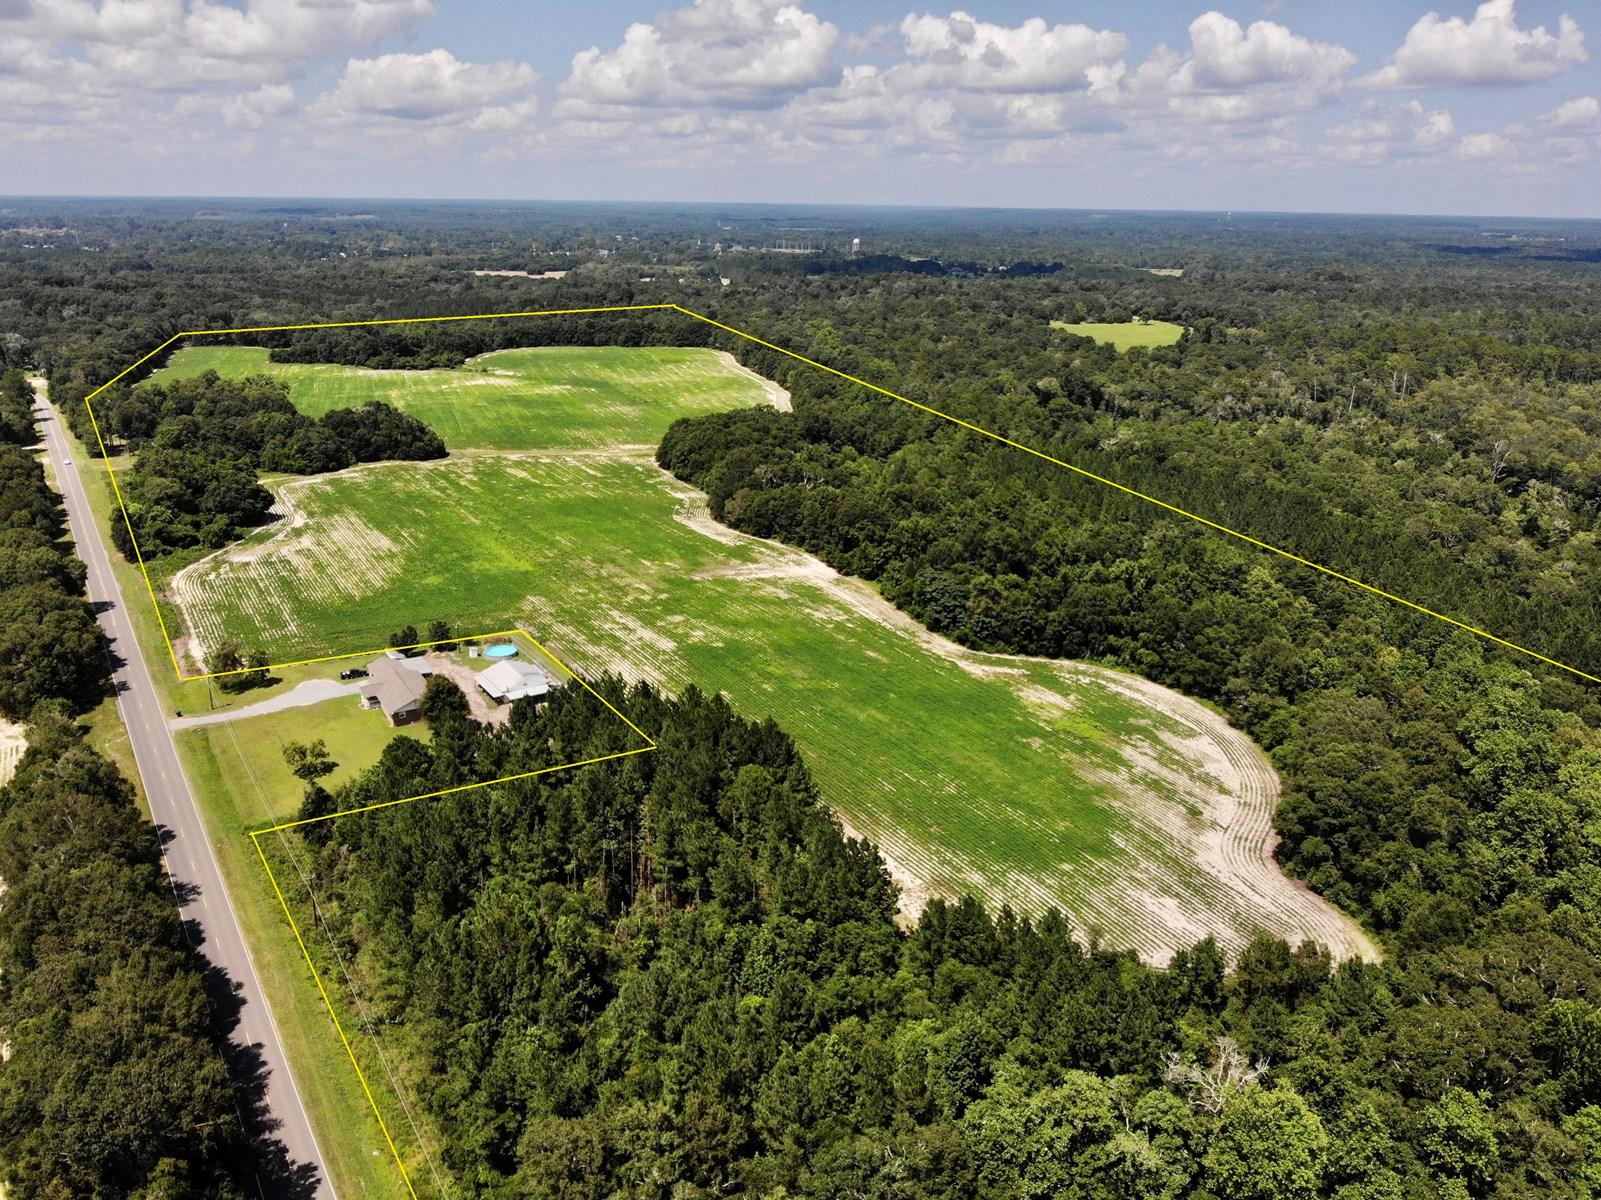 78 acres of Farm Land for Sale Geneva AL - Geneva County